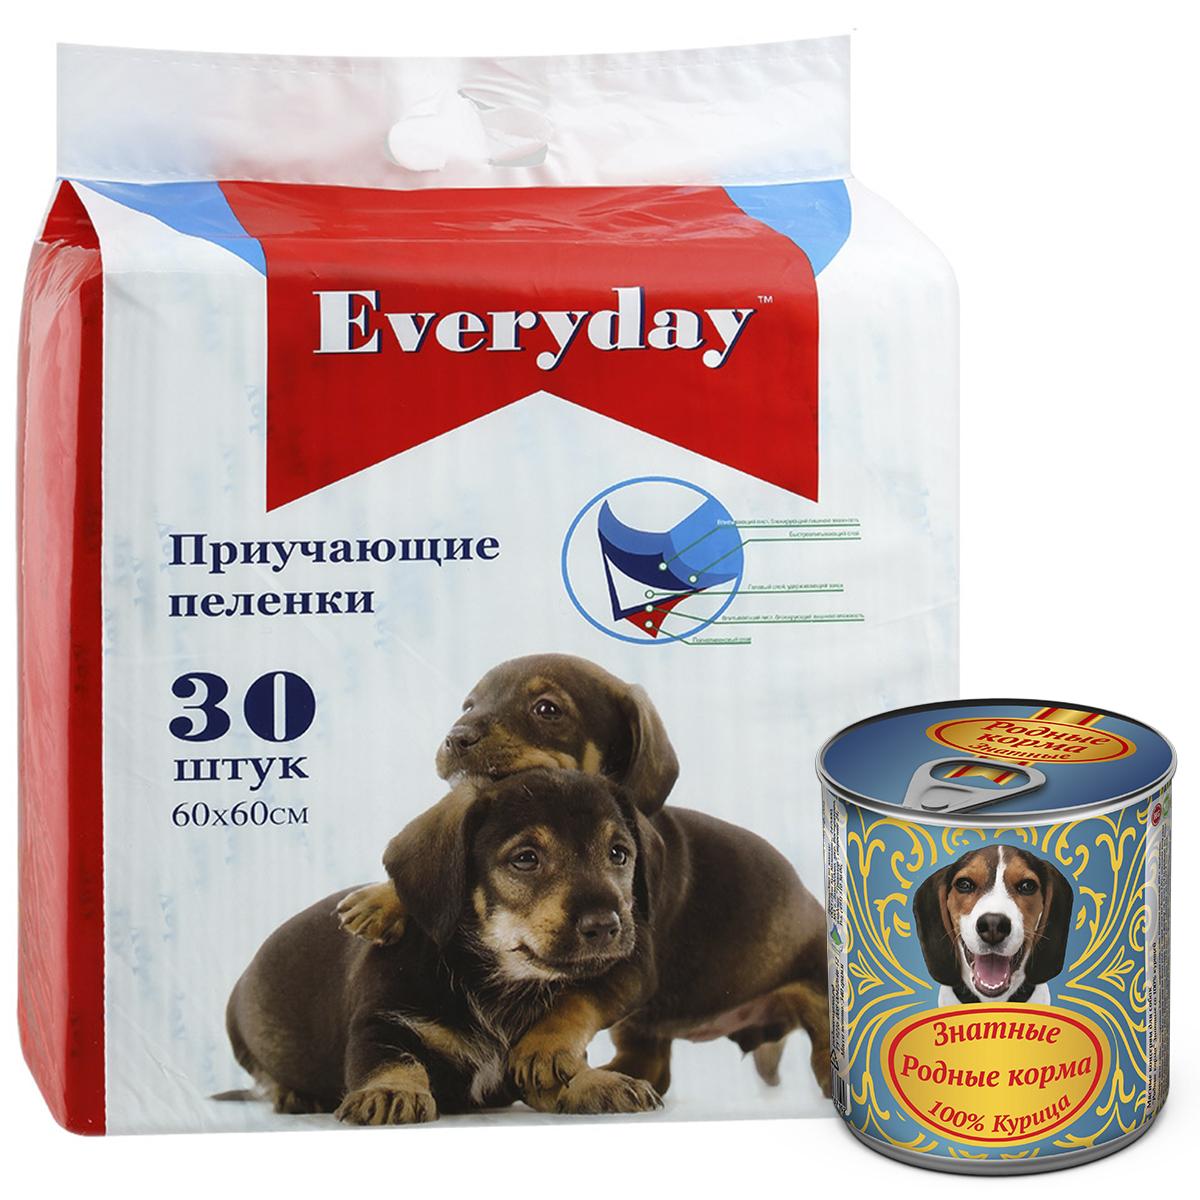 Пеленки для животных Everyday, впитывающие, гелевые, 60 х 60 см, 30 шт + ПОДАРОК: Консервы для собак Родные корма Знатные, 100 % Курица, 340 г65425Пелёнки для животных Everyday имеют ненавязчивый привлекающий аромат. Содержат специальный гель внутри впитывающего слоя, что позволяет продлить срок использования гигиенического изделия. Размер: 60 х 60 см.+ ПОДАРОК: Консервы для собак Родные корма Знатные, изготовлены из курицы. Объем консервов: 340 г.